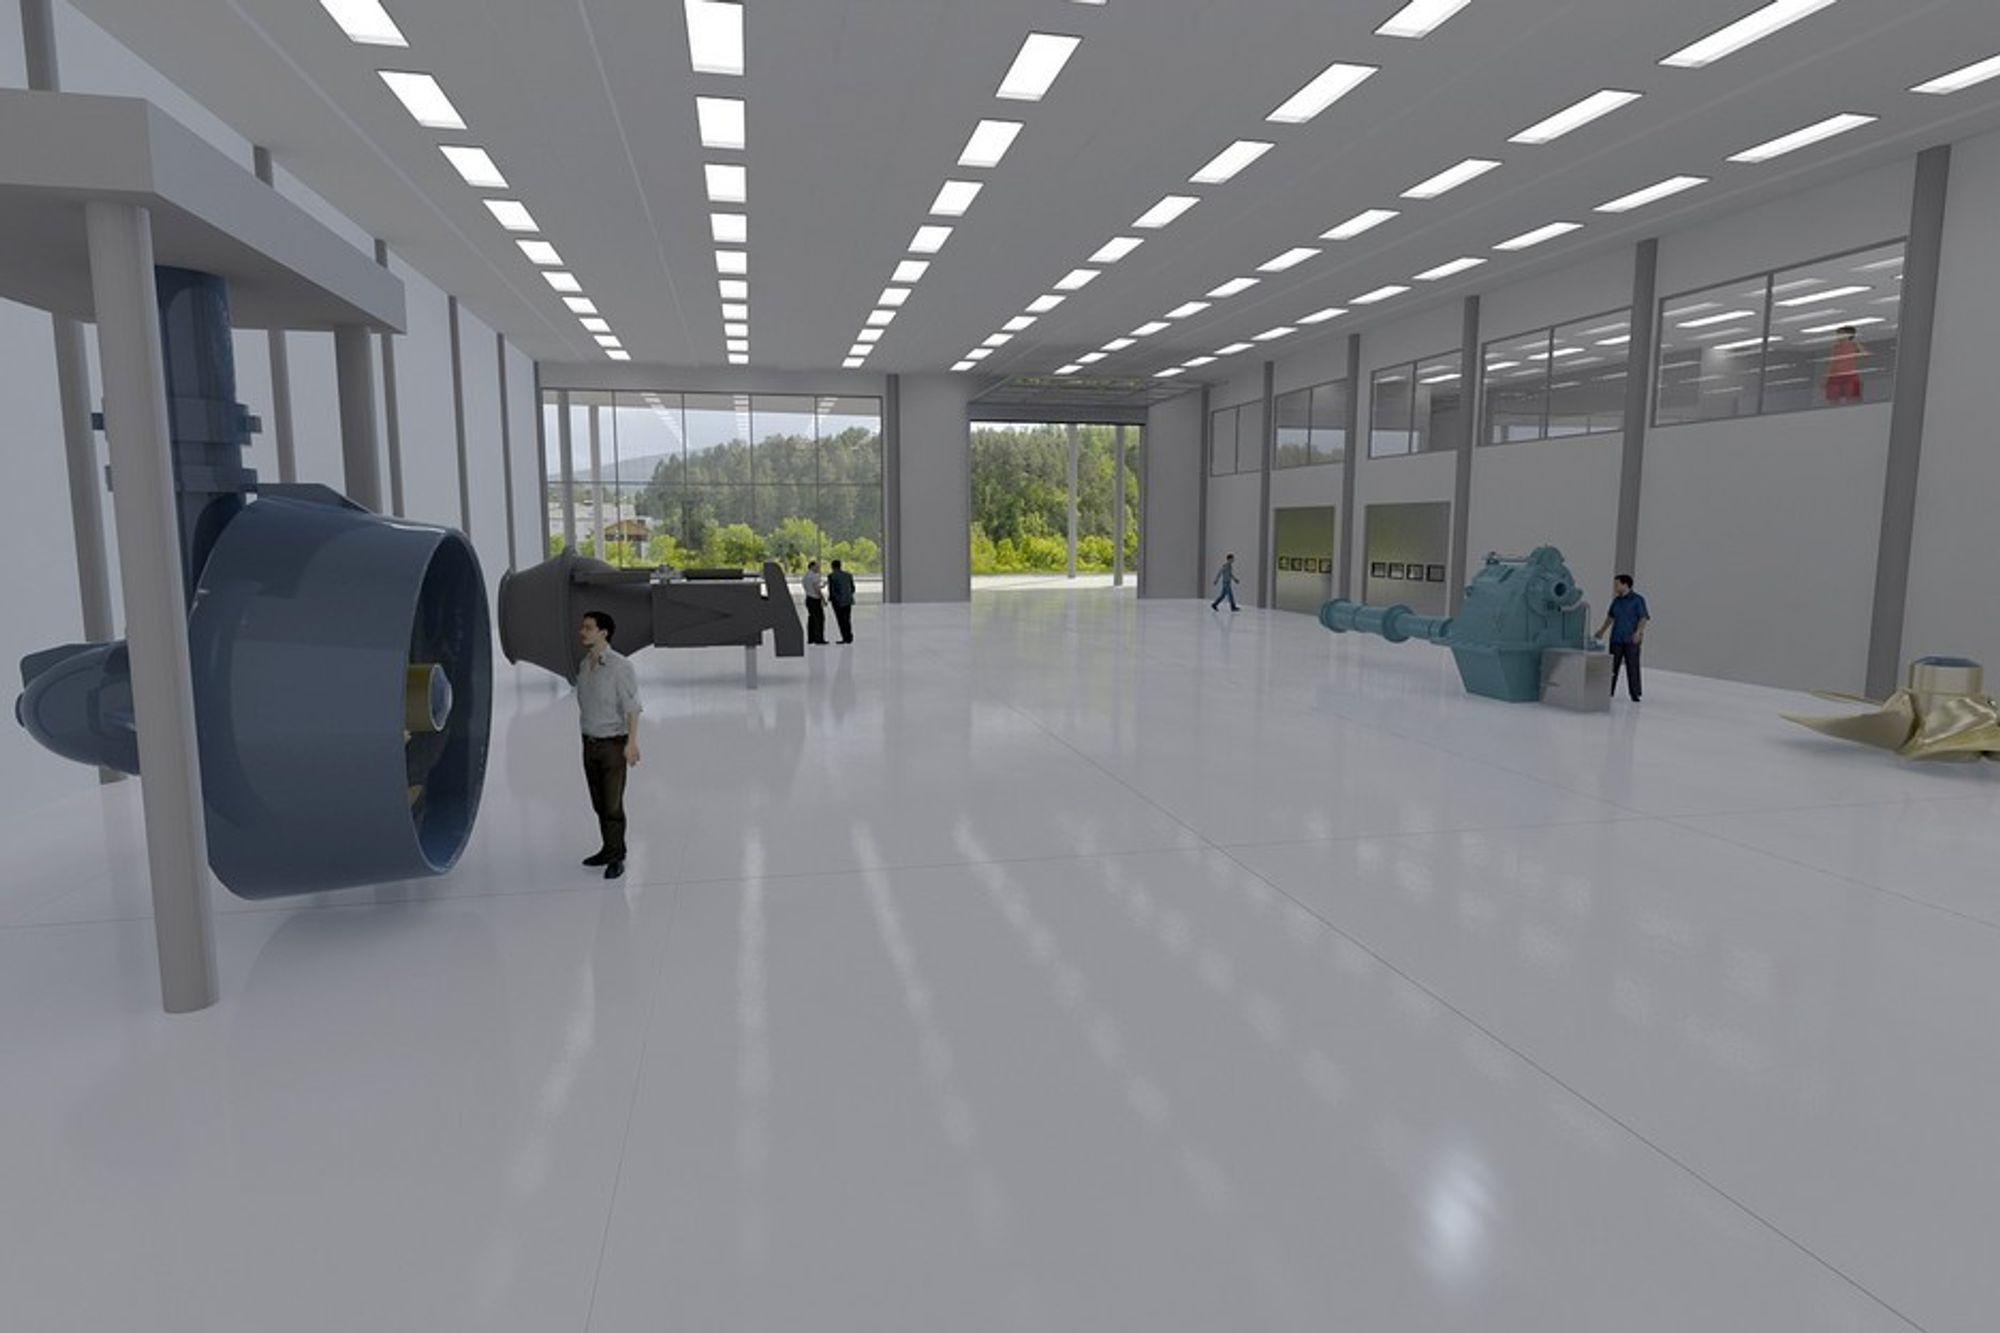 Rolls-Royce skal bygge nytt  trenings- og opplæringssenter for maritime aktiviteter i Ålesund. Det vil inngå i Norsk Maritimt Kompetansesenter og ligger ved siden av blant annet Høgskolen i Ålesund.